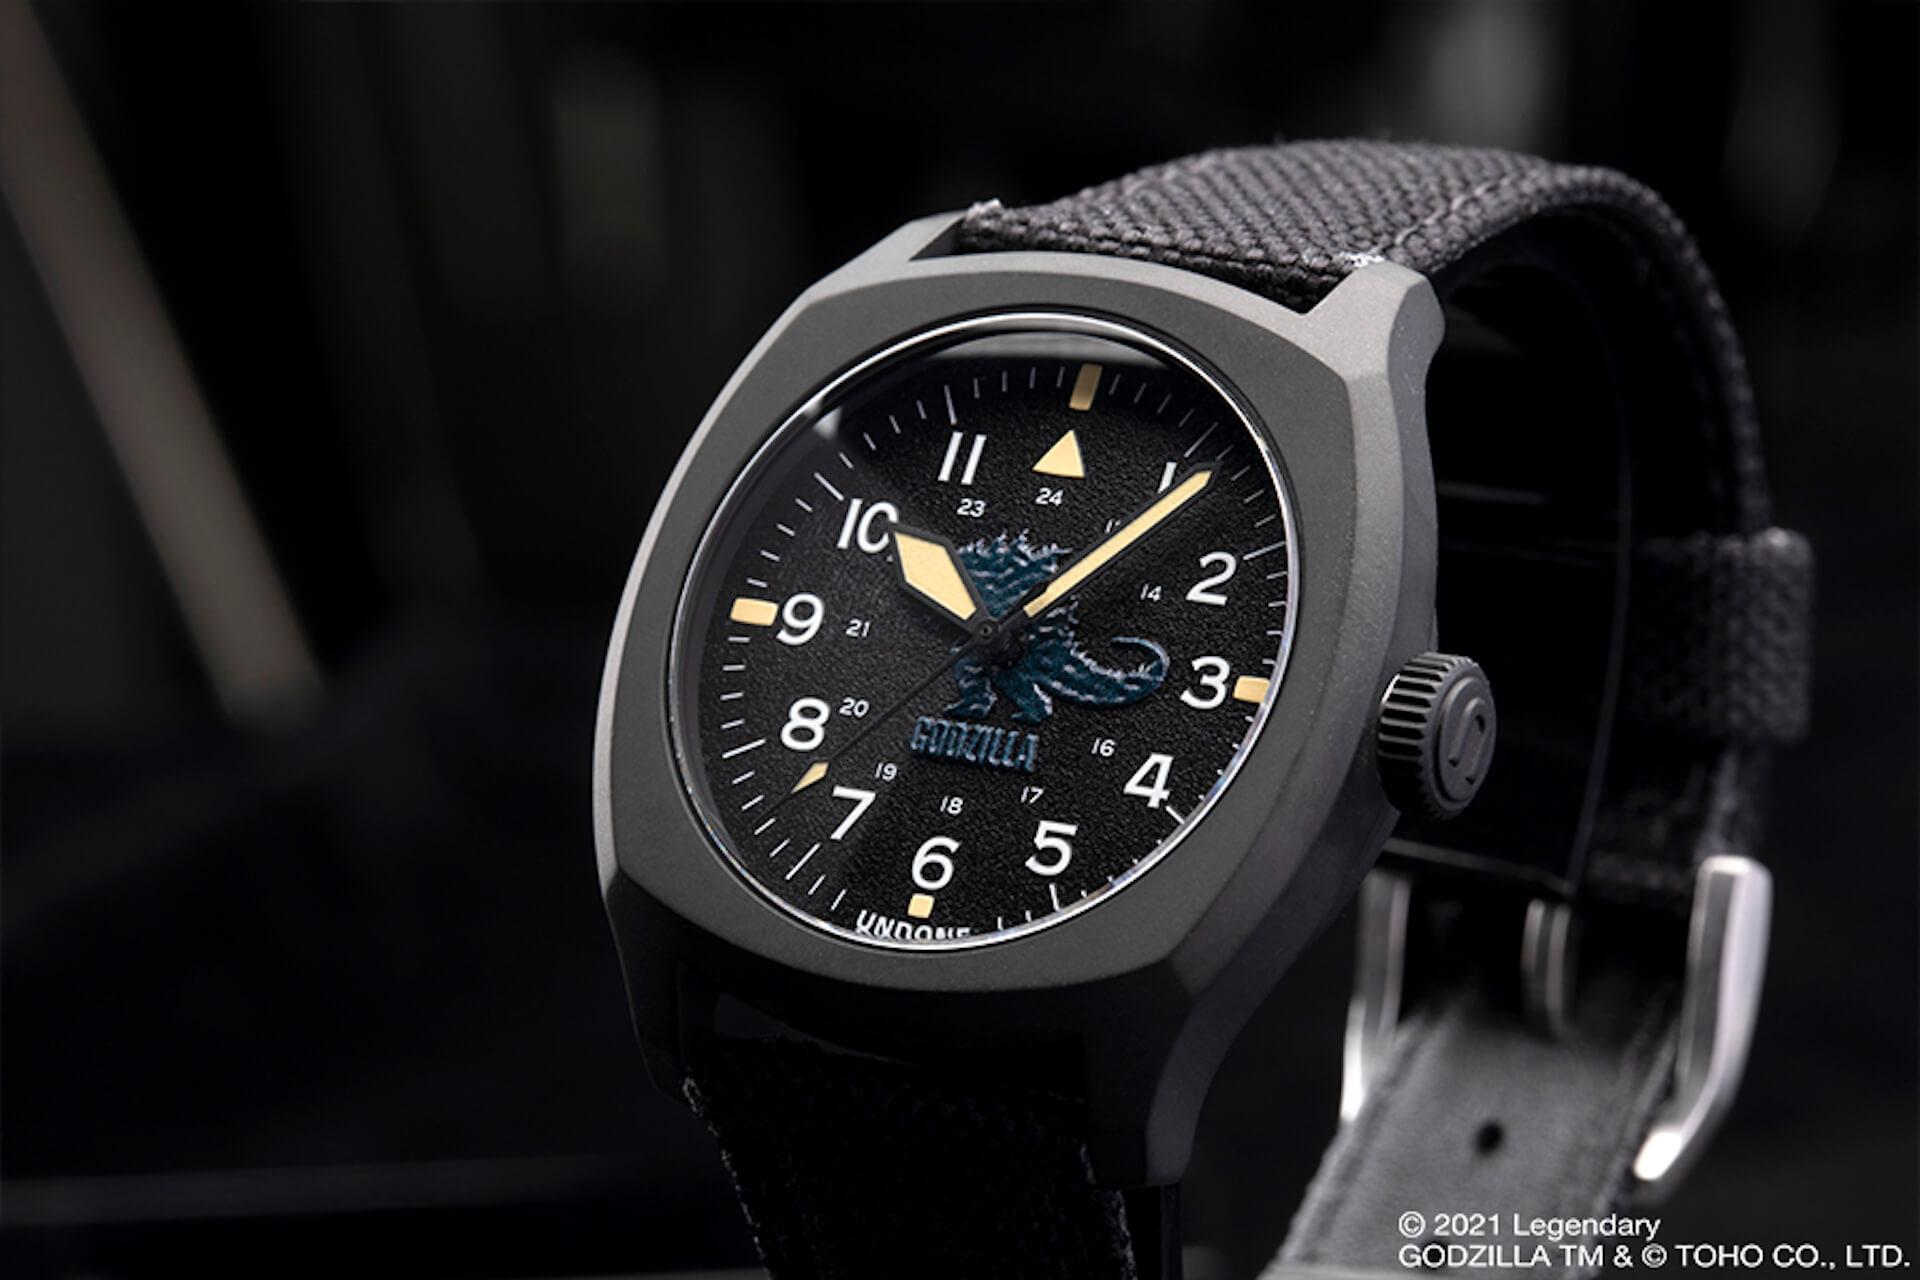 ゴジラとキングコングが腕時計に!UNDONEと『ゴジラvsコング』のコラボウォッチ2モデルが登場 tech210520_undone_godzilla_9